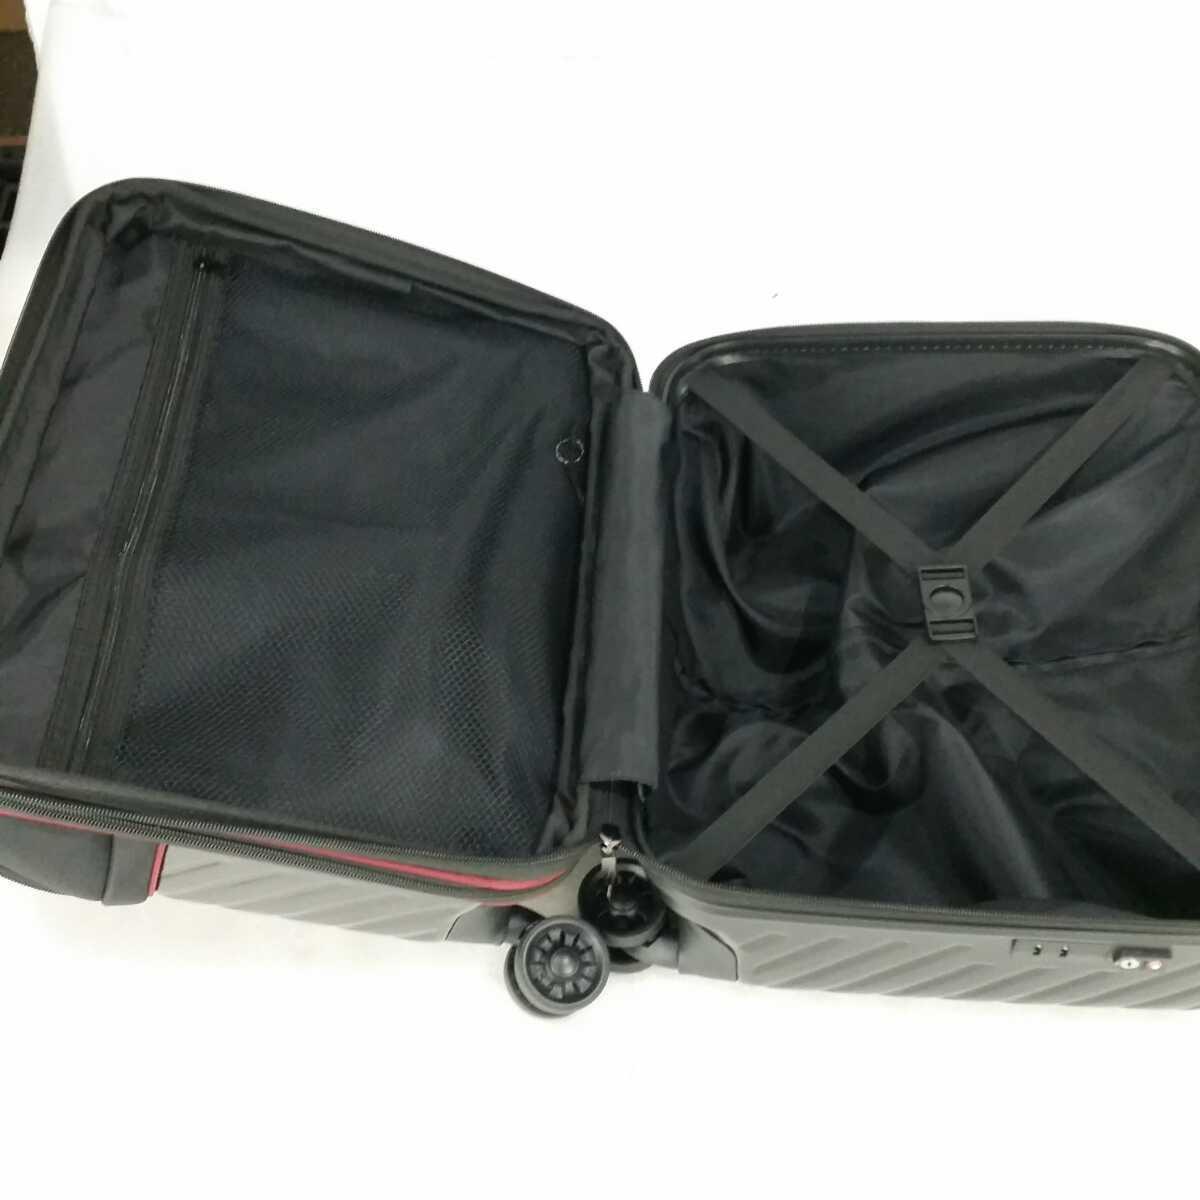 ス111 Sサイズ 横型 フロントオープン スーツケース キャリーケース 機内持ち込み 拡張機能 ブラック_画像7